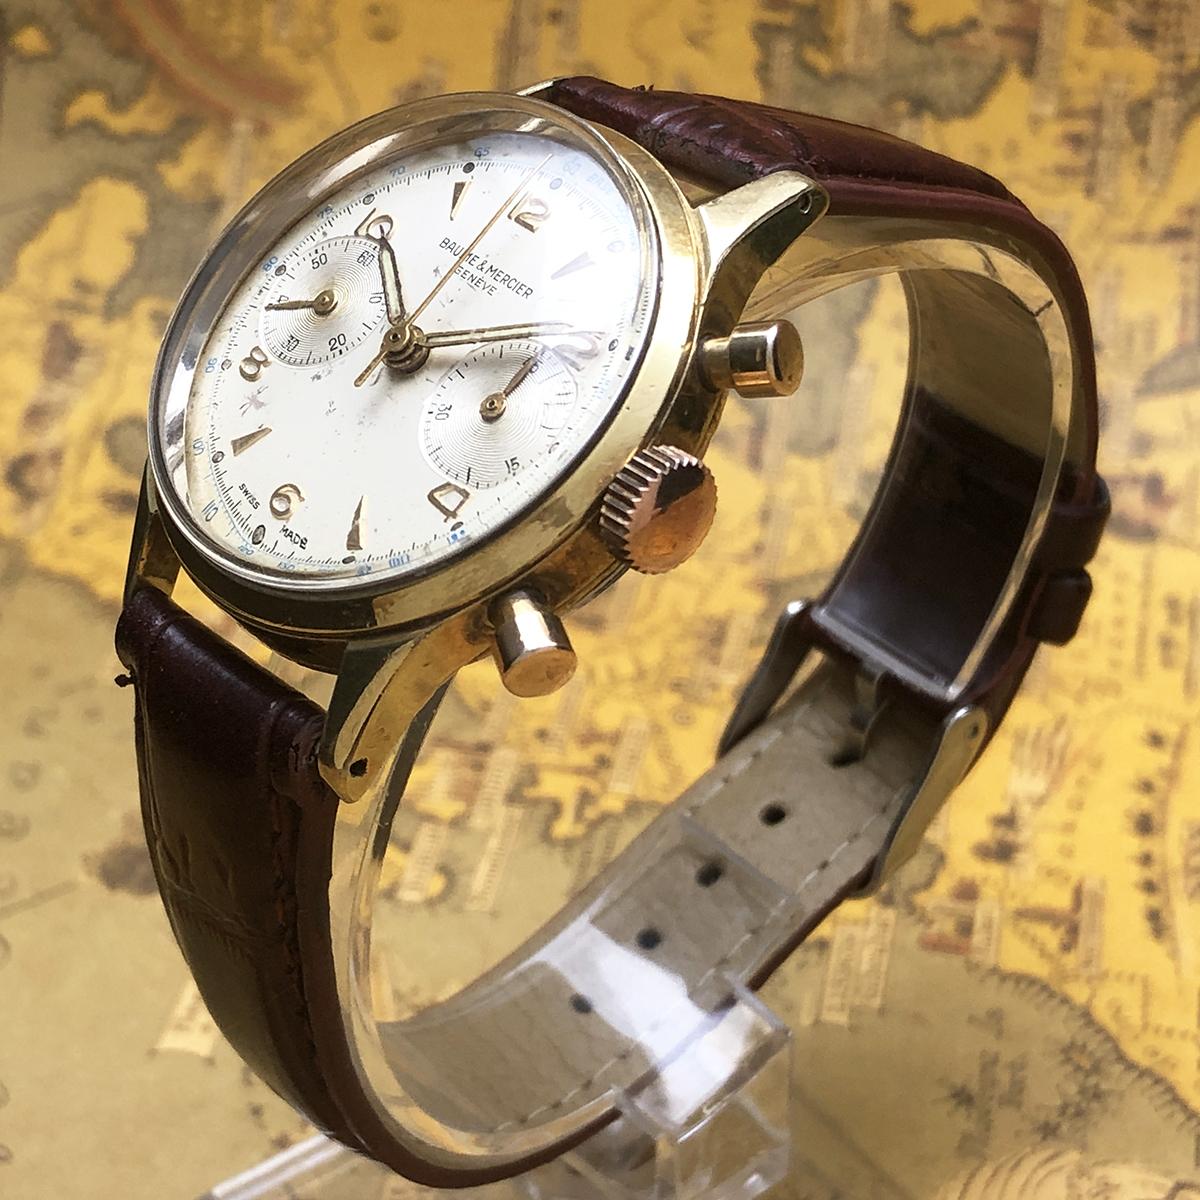 ★希少!! ボーム&メルシエ BAUME&MERCIER 1960s アンティーク Landeron149 メンズ 腕時計 クロノグラフ 手巻 白文字盤 ビンテージ 高級_画像3